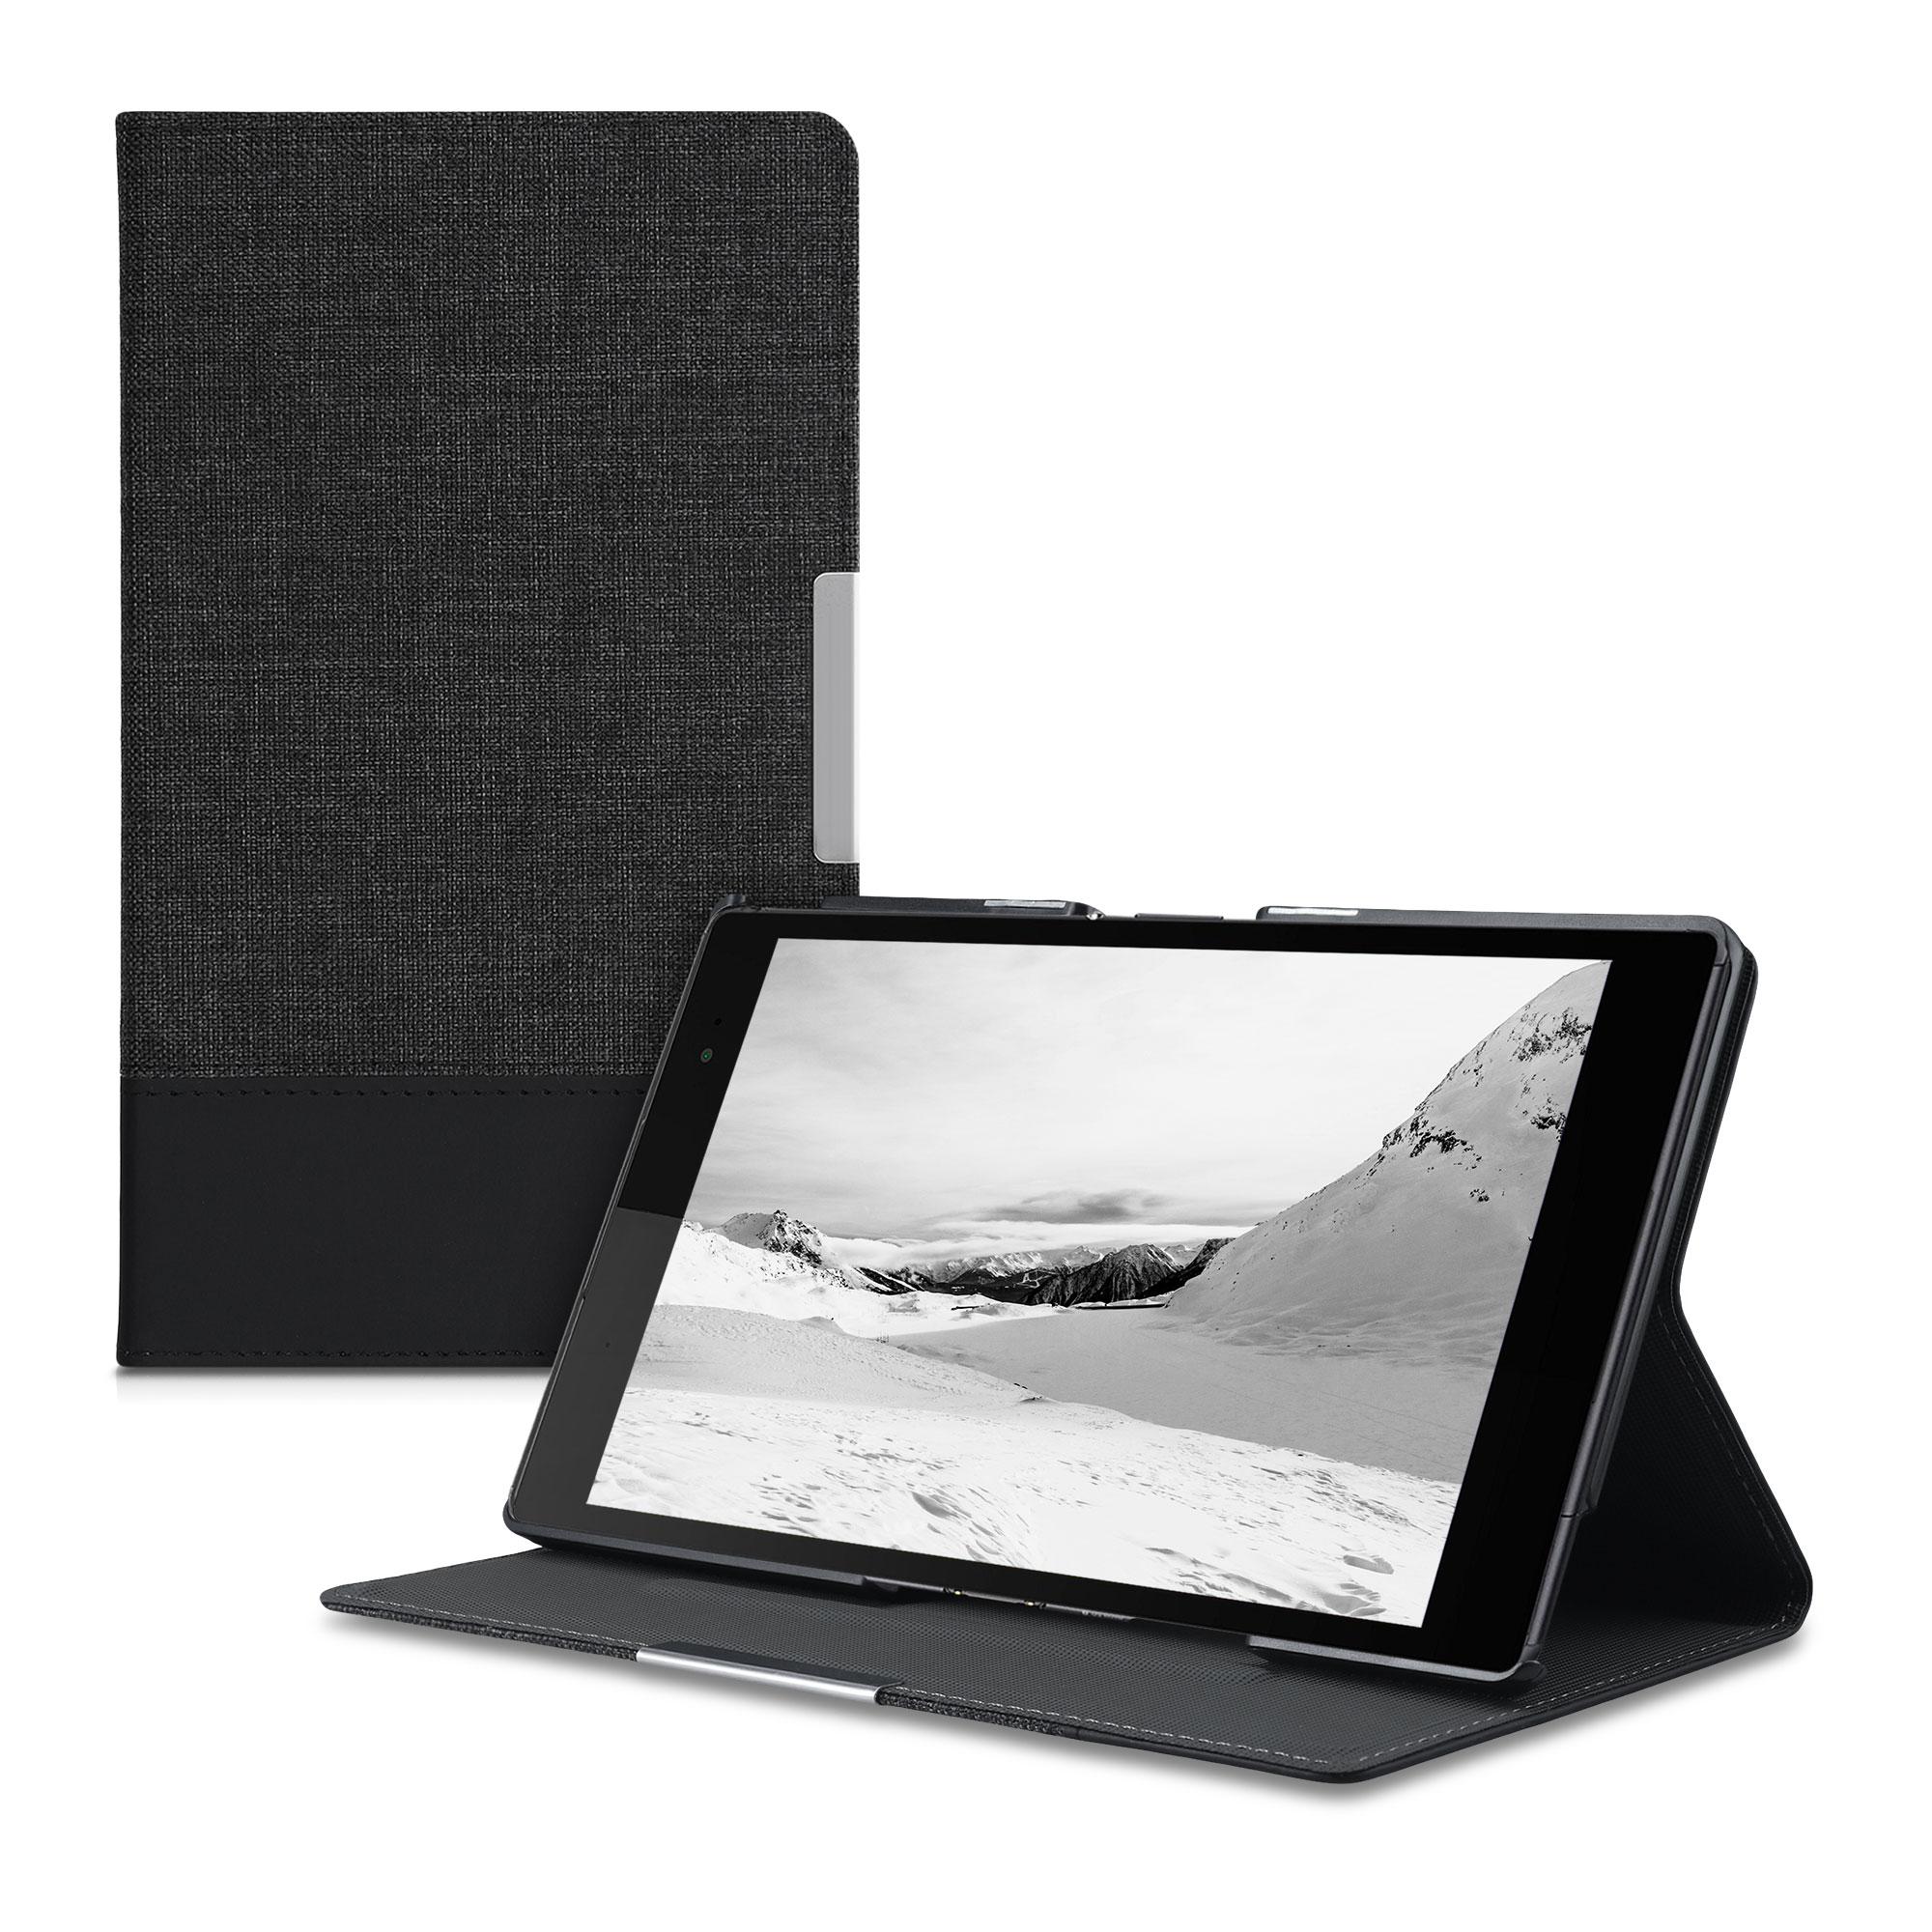 CanvasLinenpouzdro | obal pro Sony Xperia Tablet Z3 Compact - Anthracite / černé